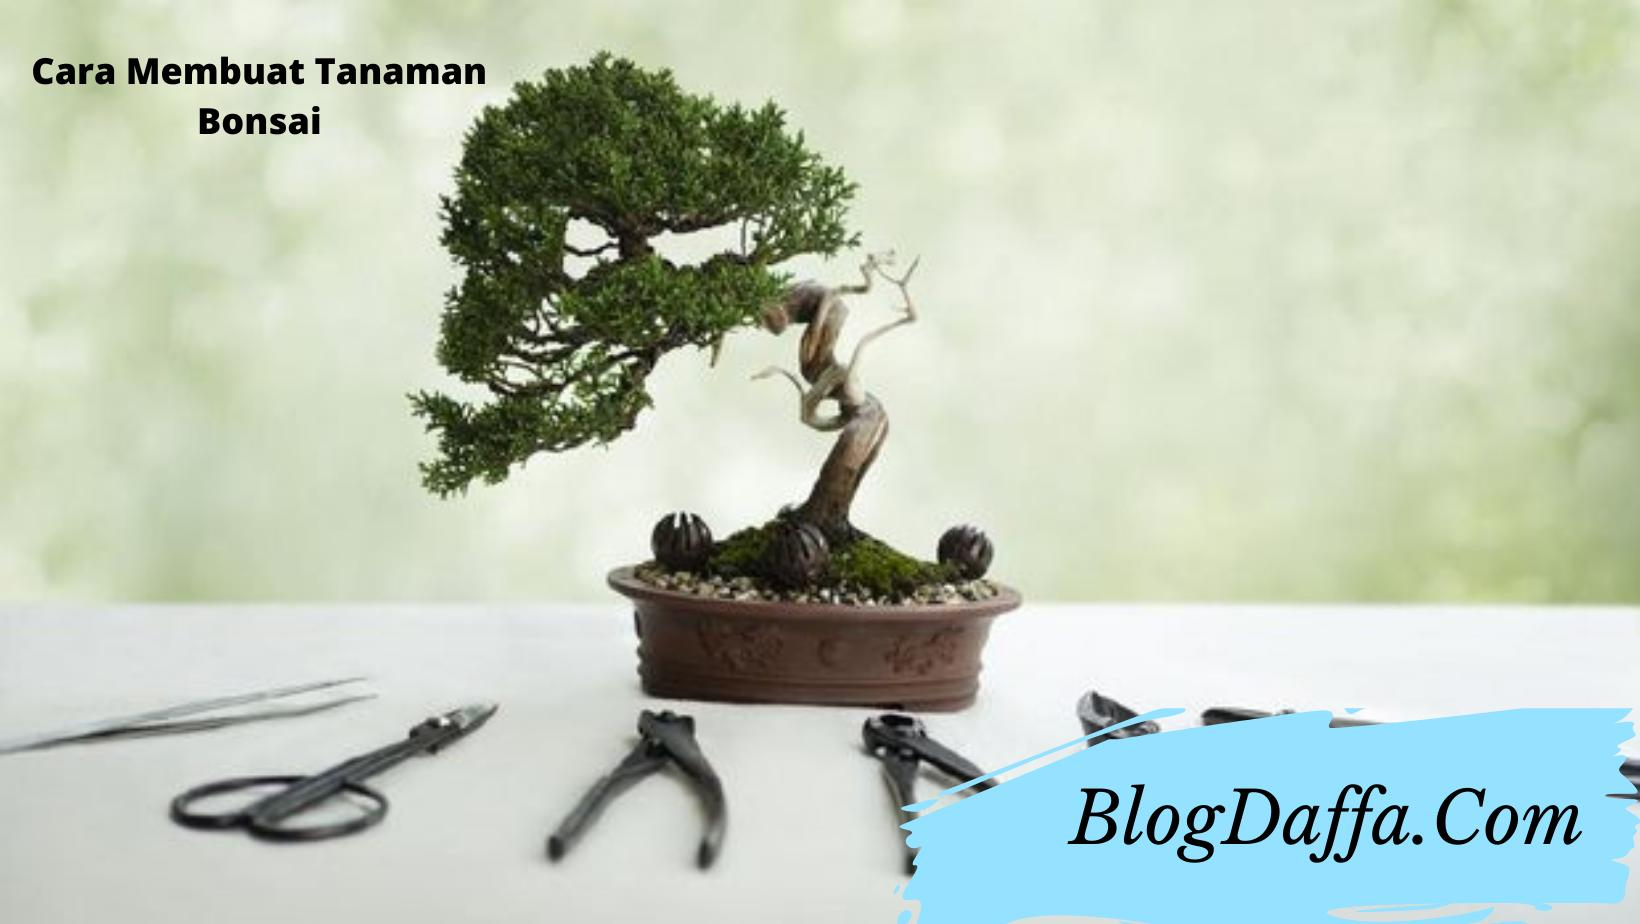 Cara membuat bonsai hias dengan mudah